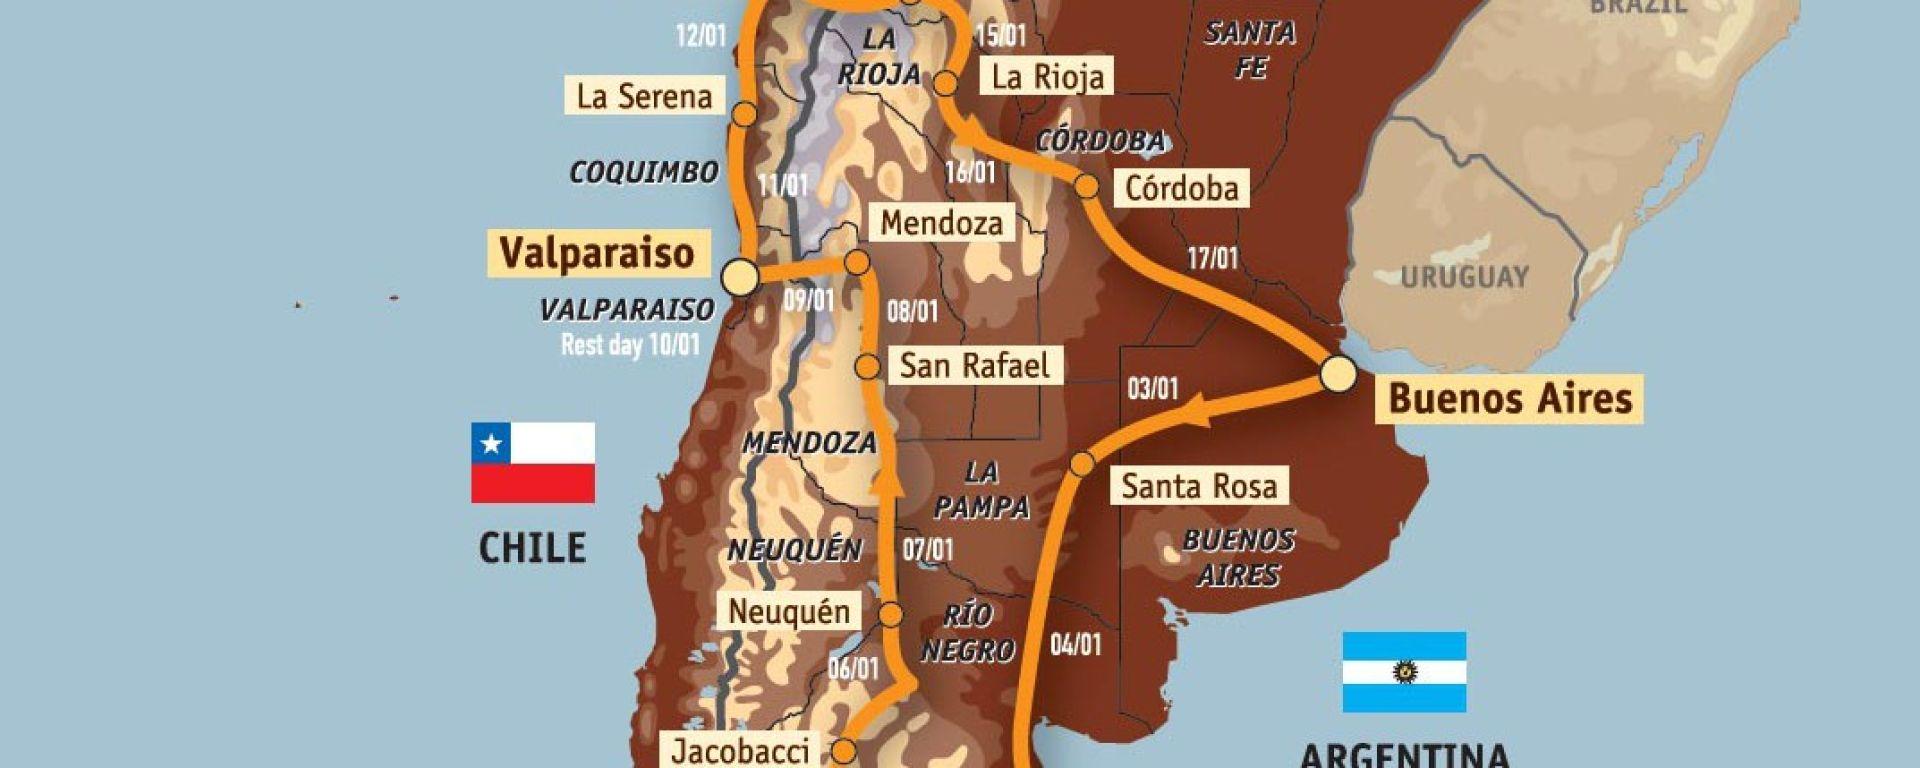 Dakar 2009: imbarcati gli equipaggi